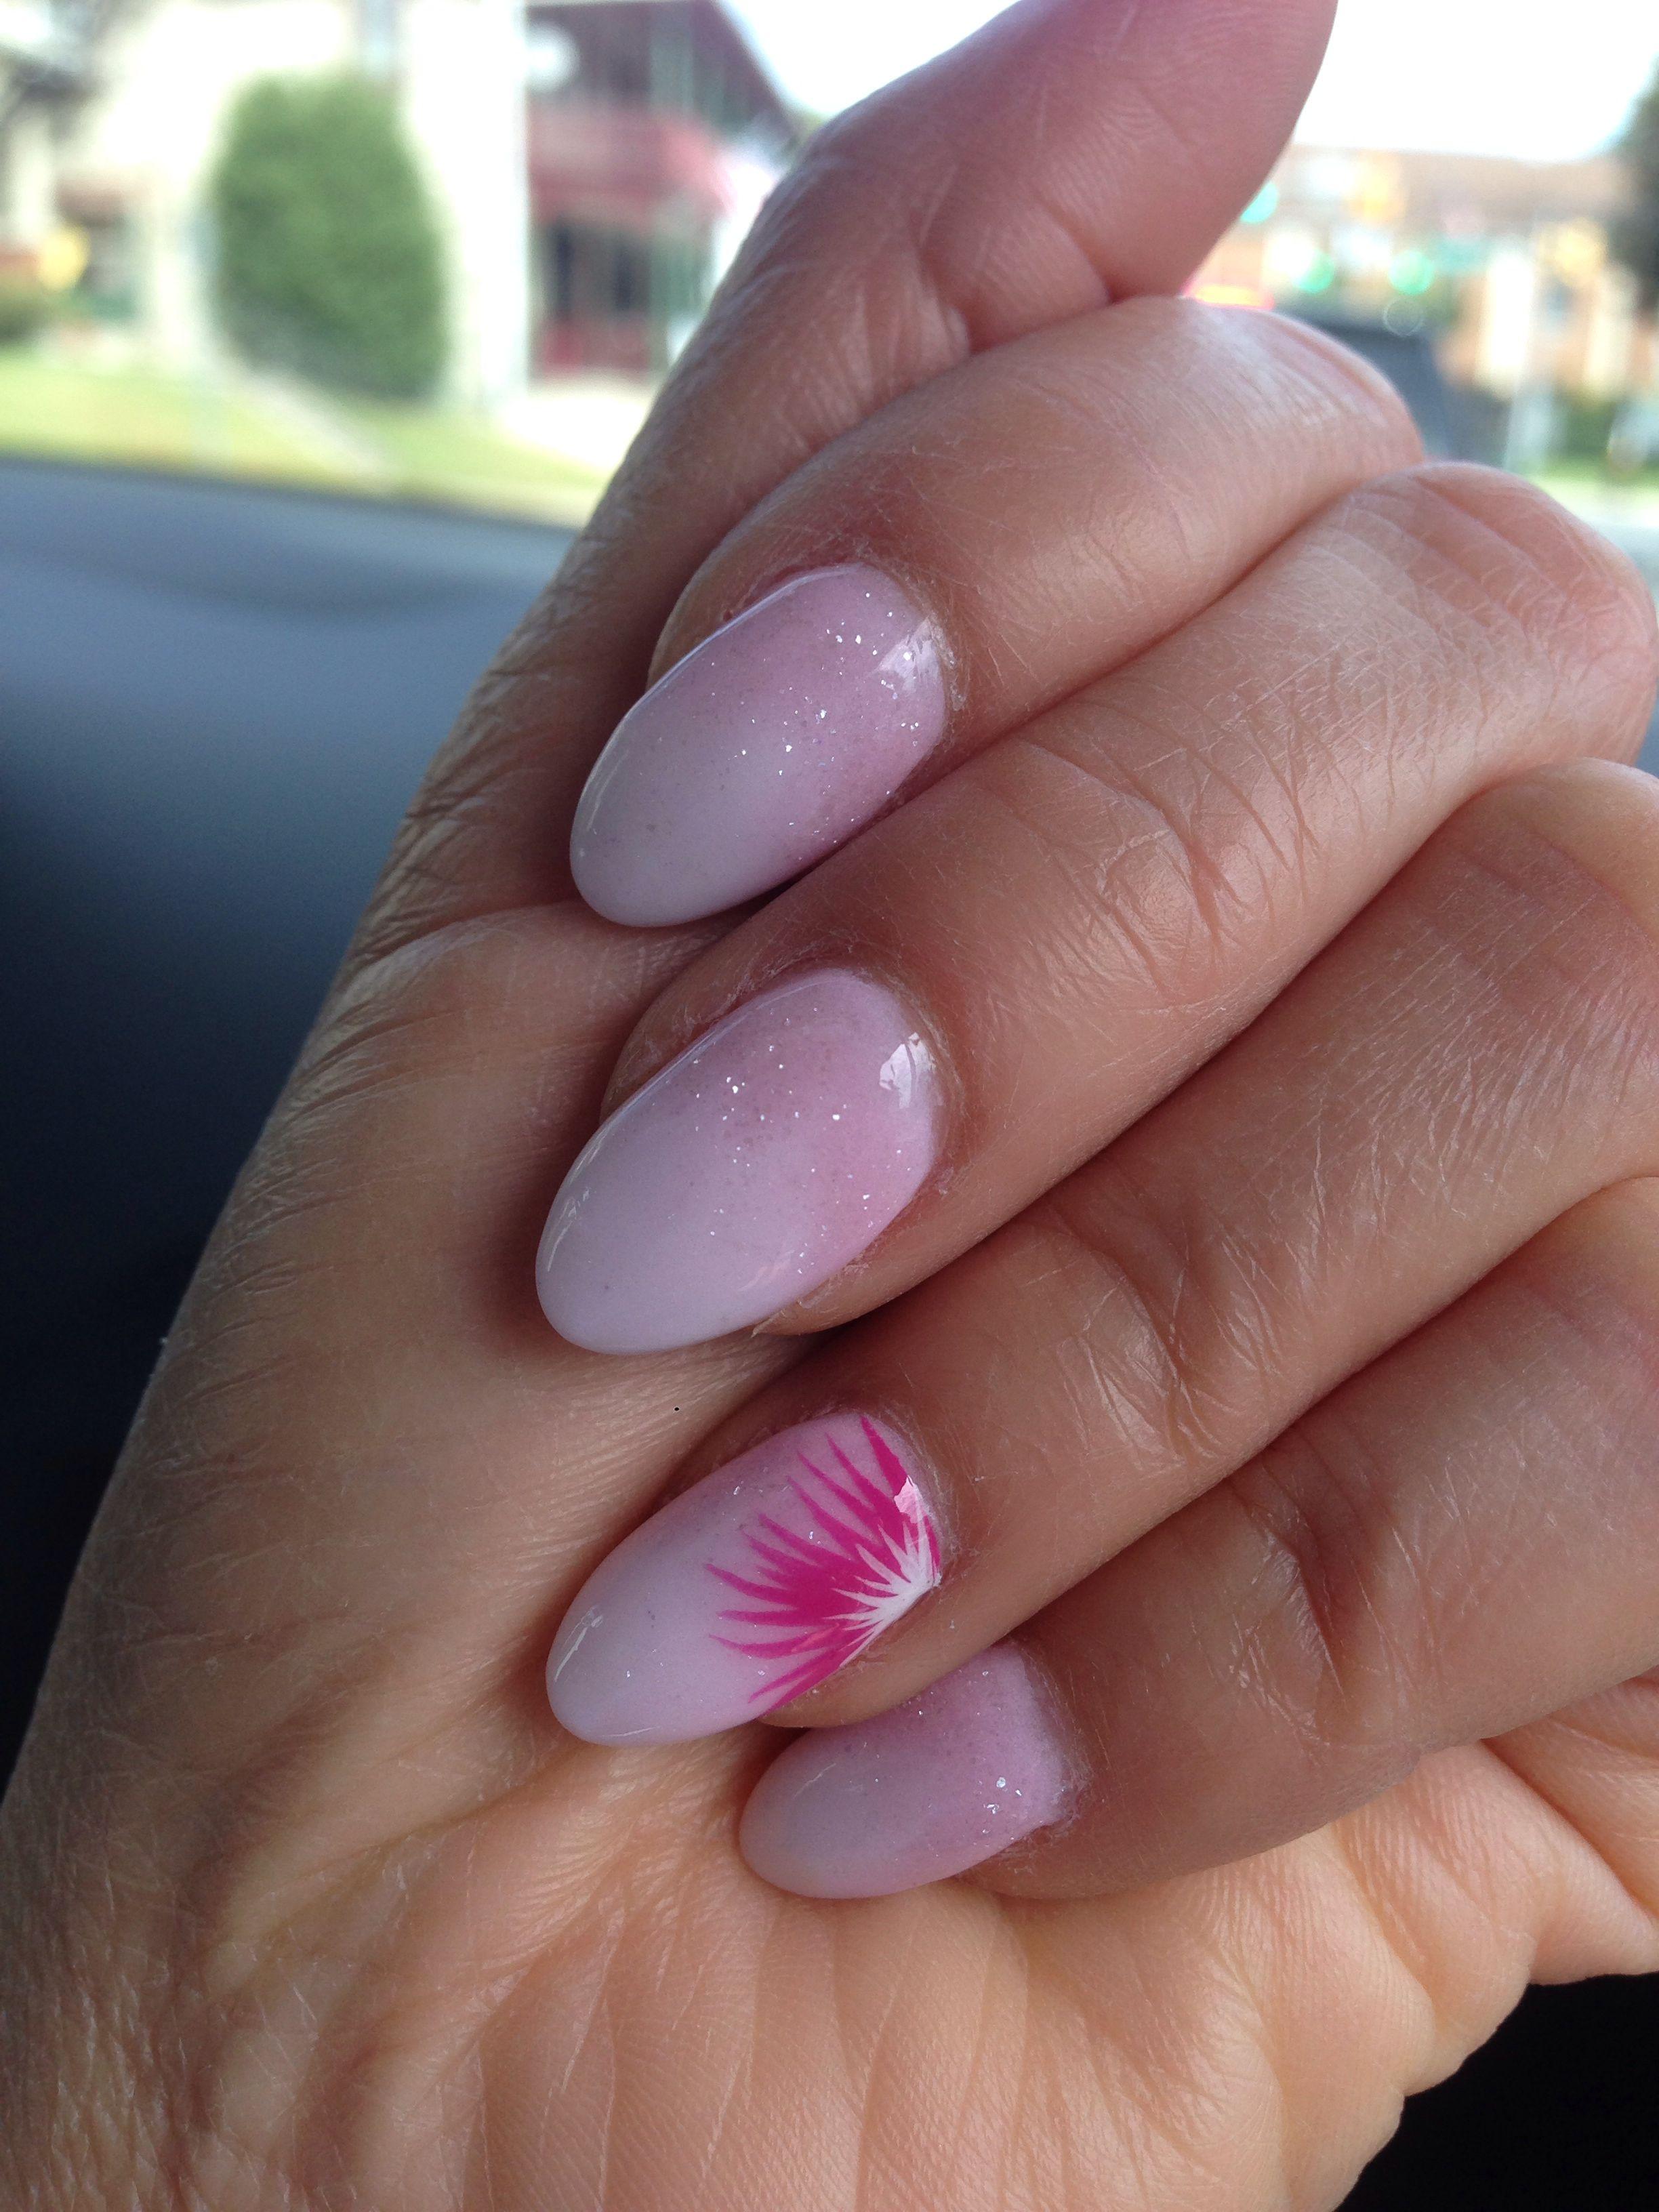 Beautiful Ombre With Dipping Powder On Natural Nails Natural Nails Nail Colors Nails